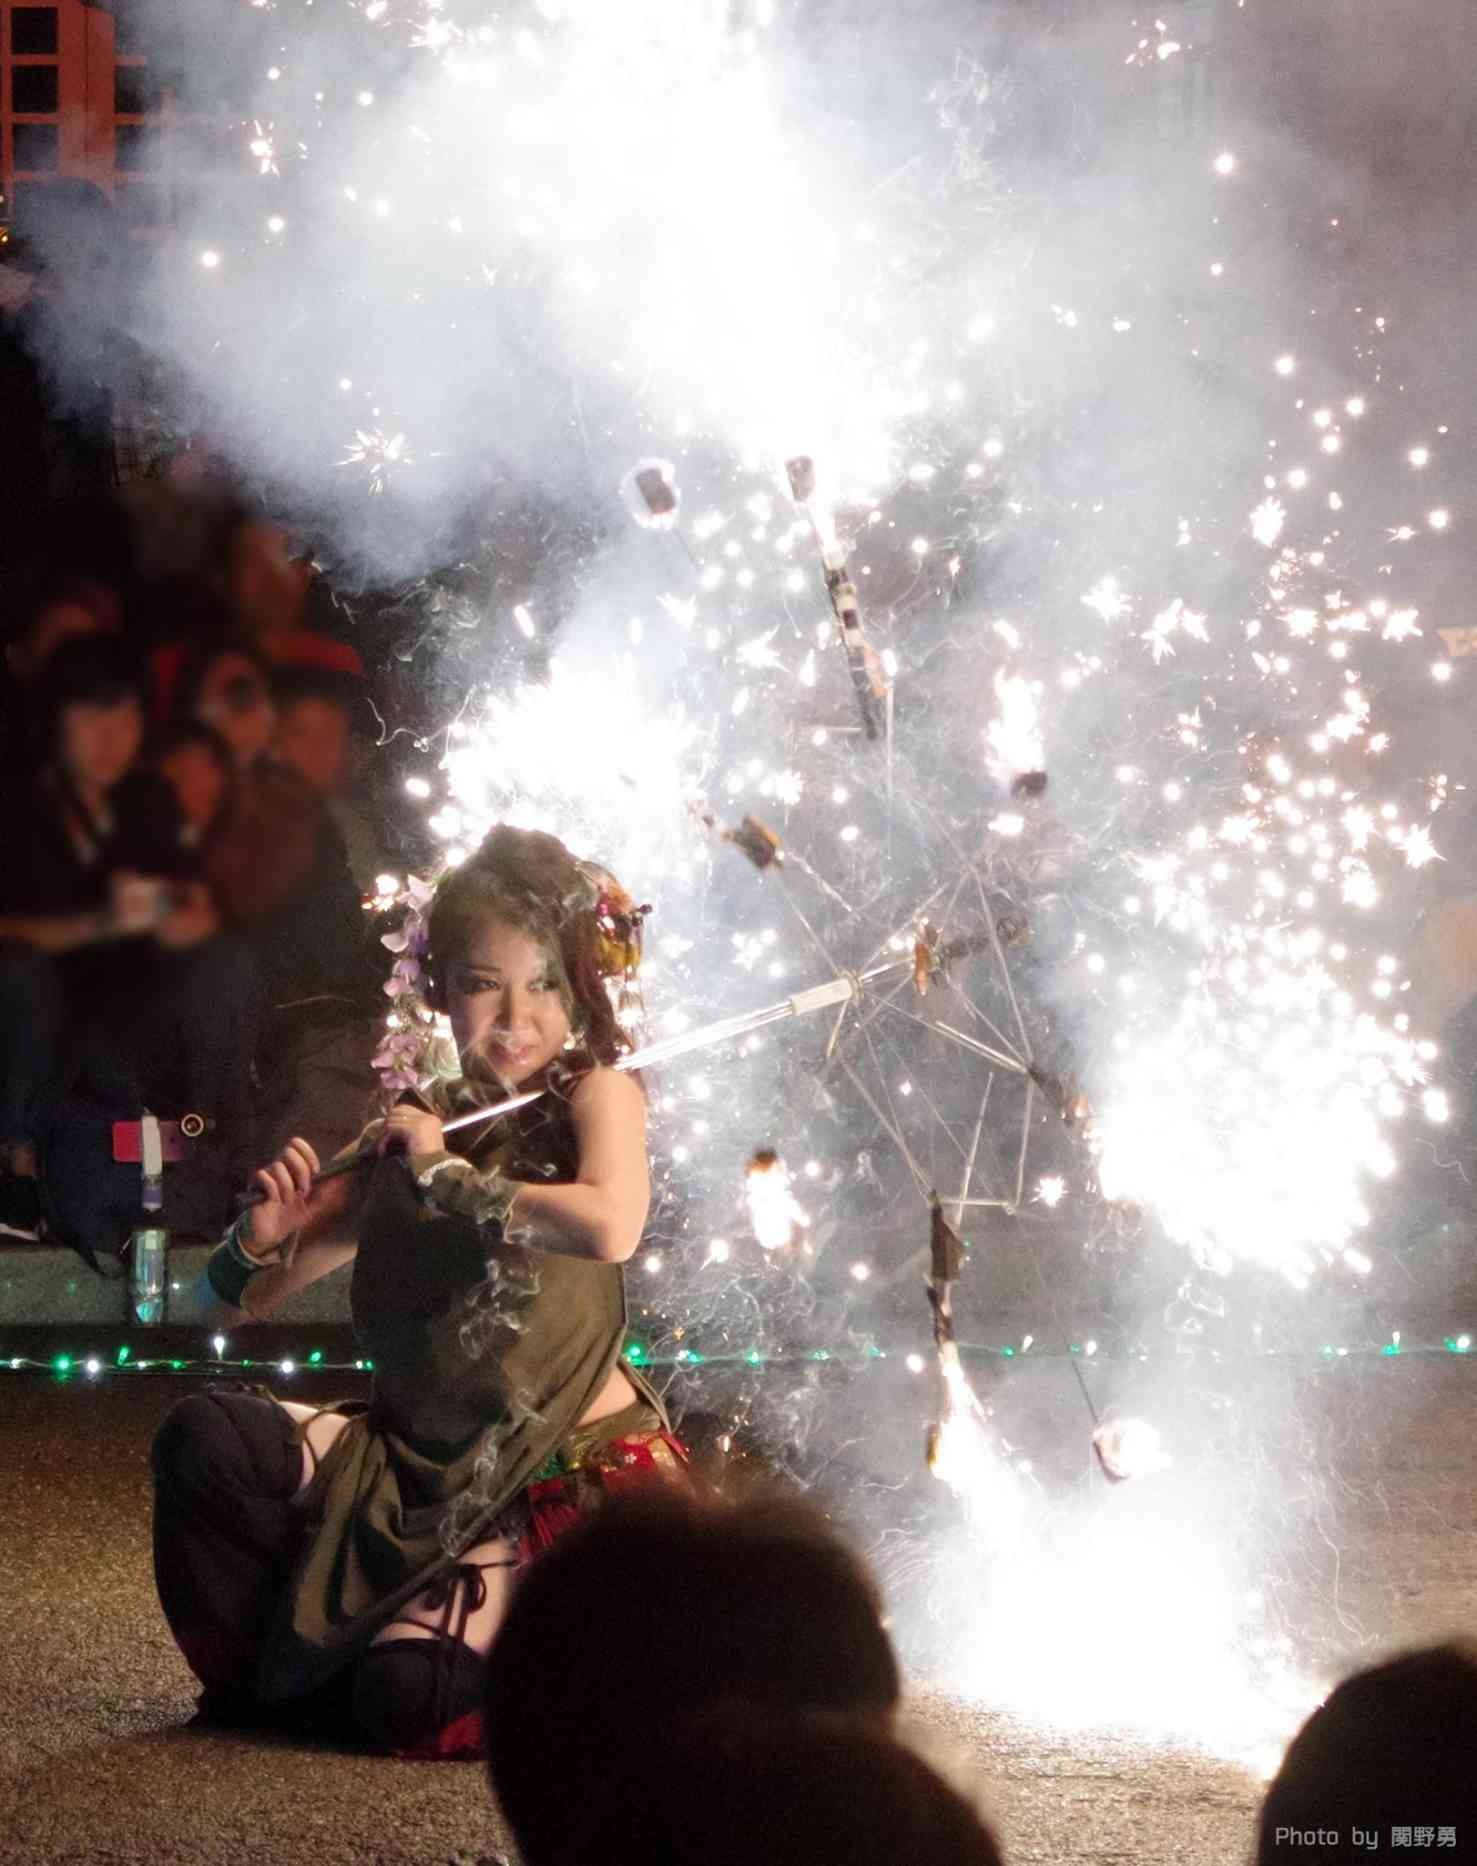 大須大道町人祭の火付盗賊ファイアーショー